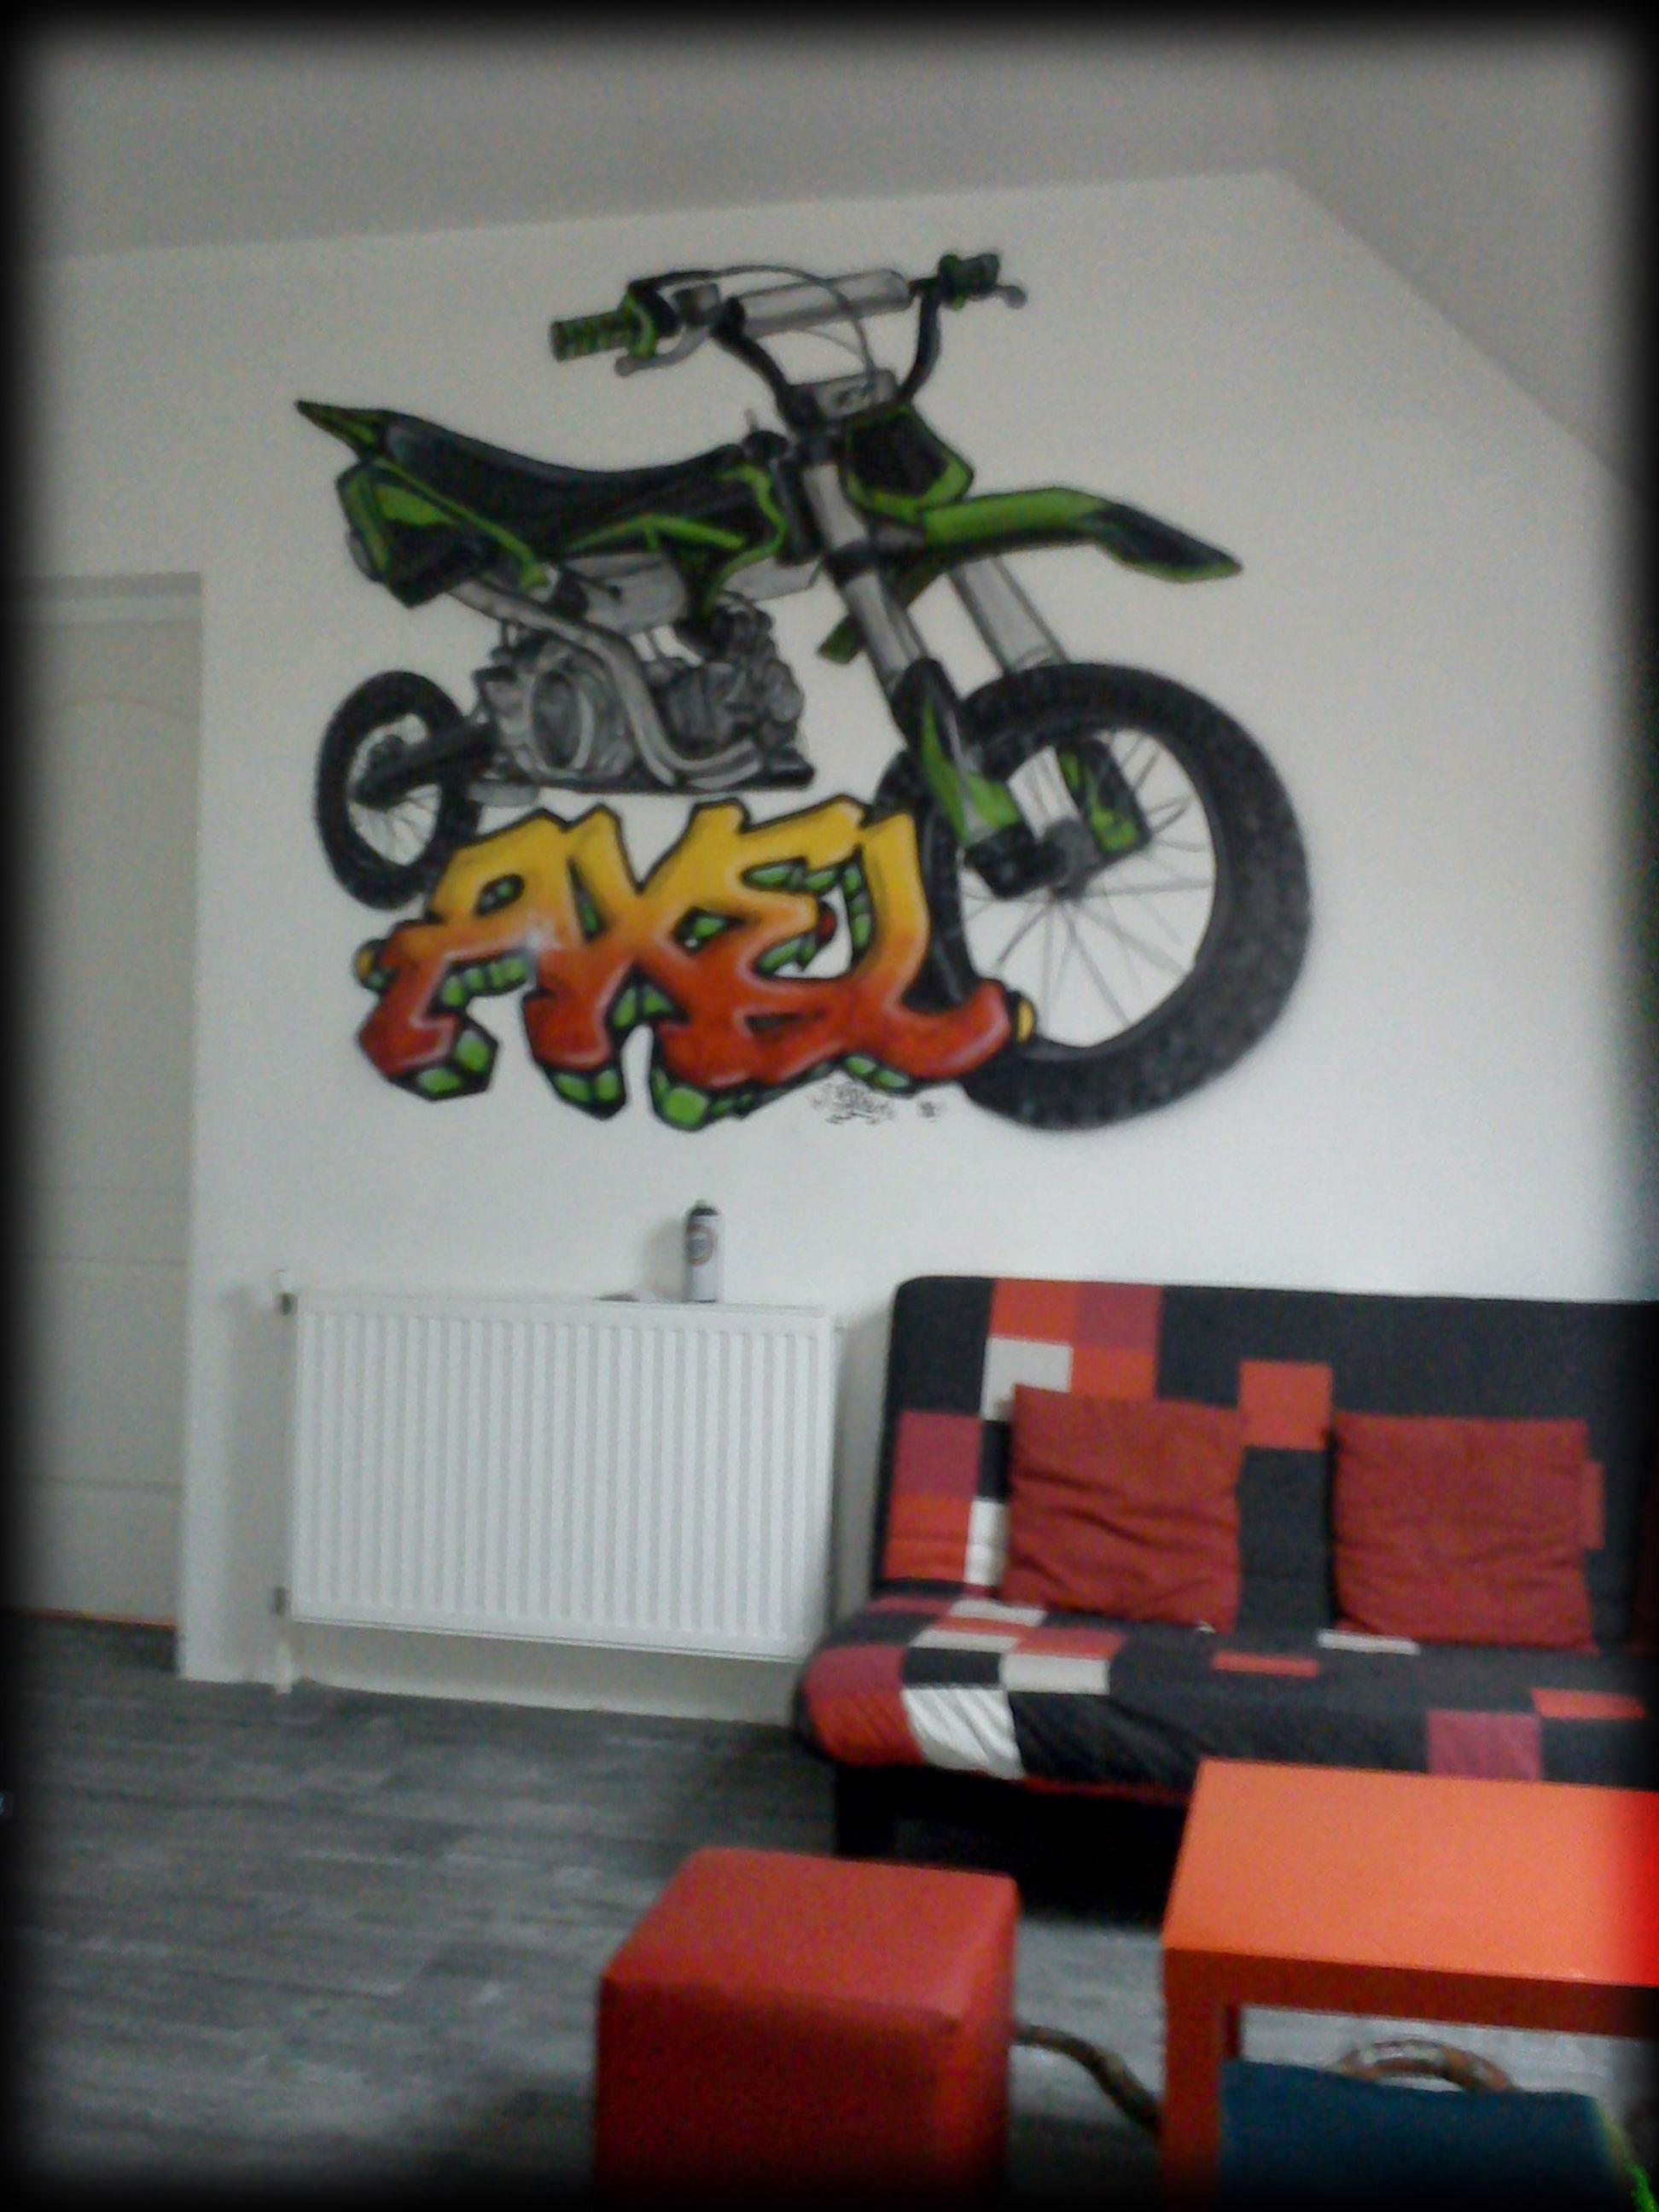 geograffeur-moto-cross-prenom-chambre-graffiti